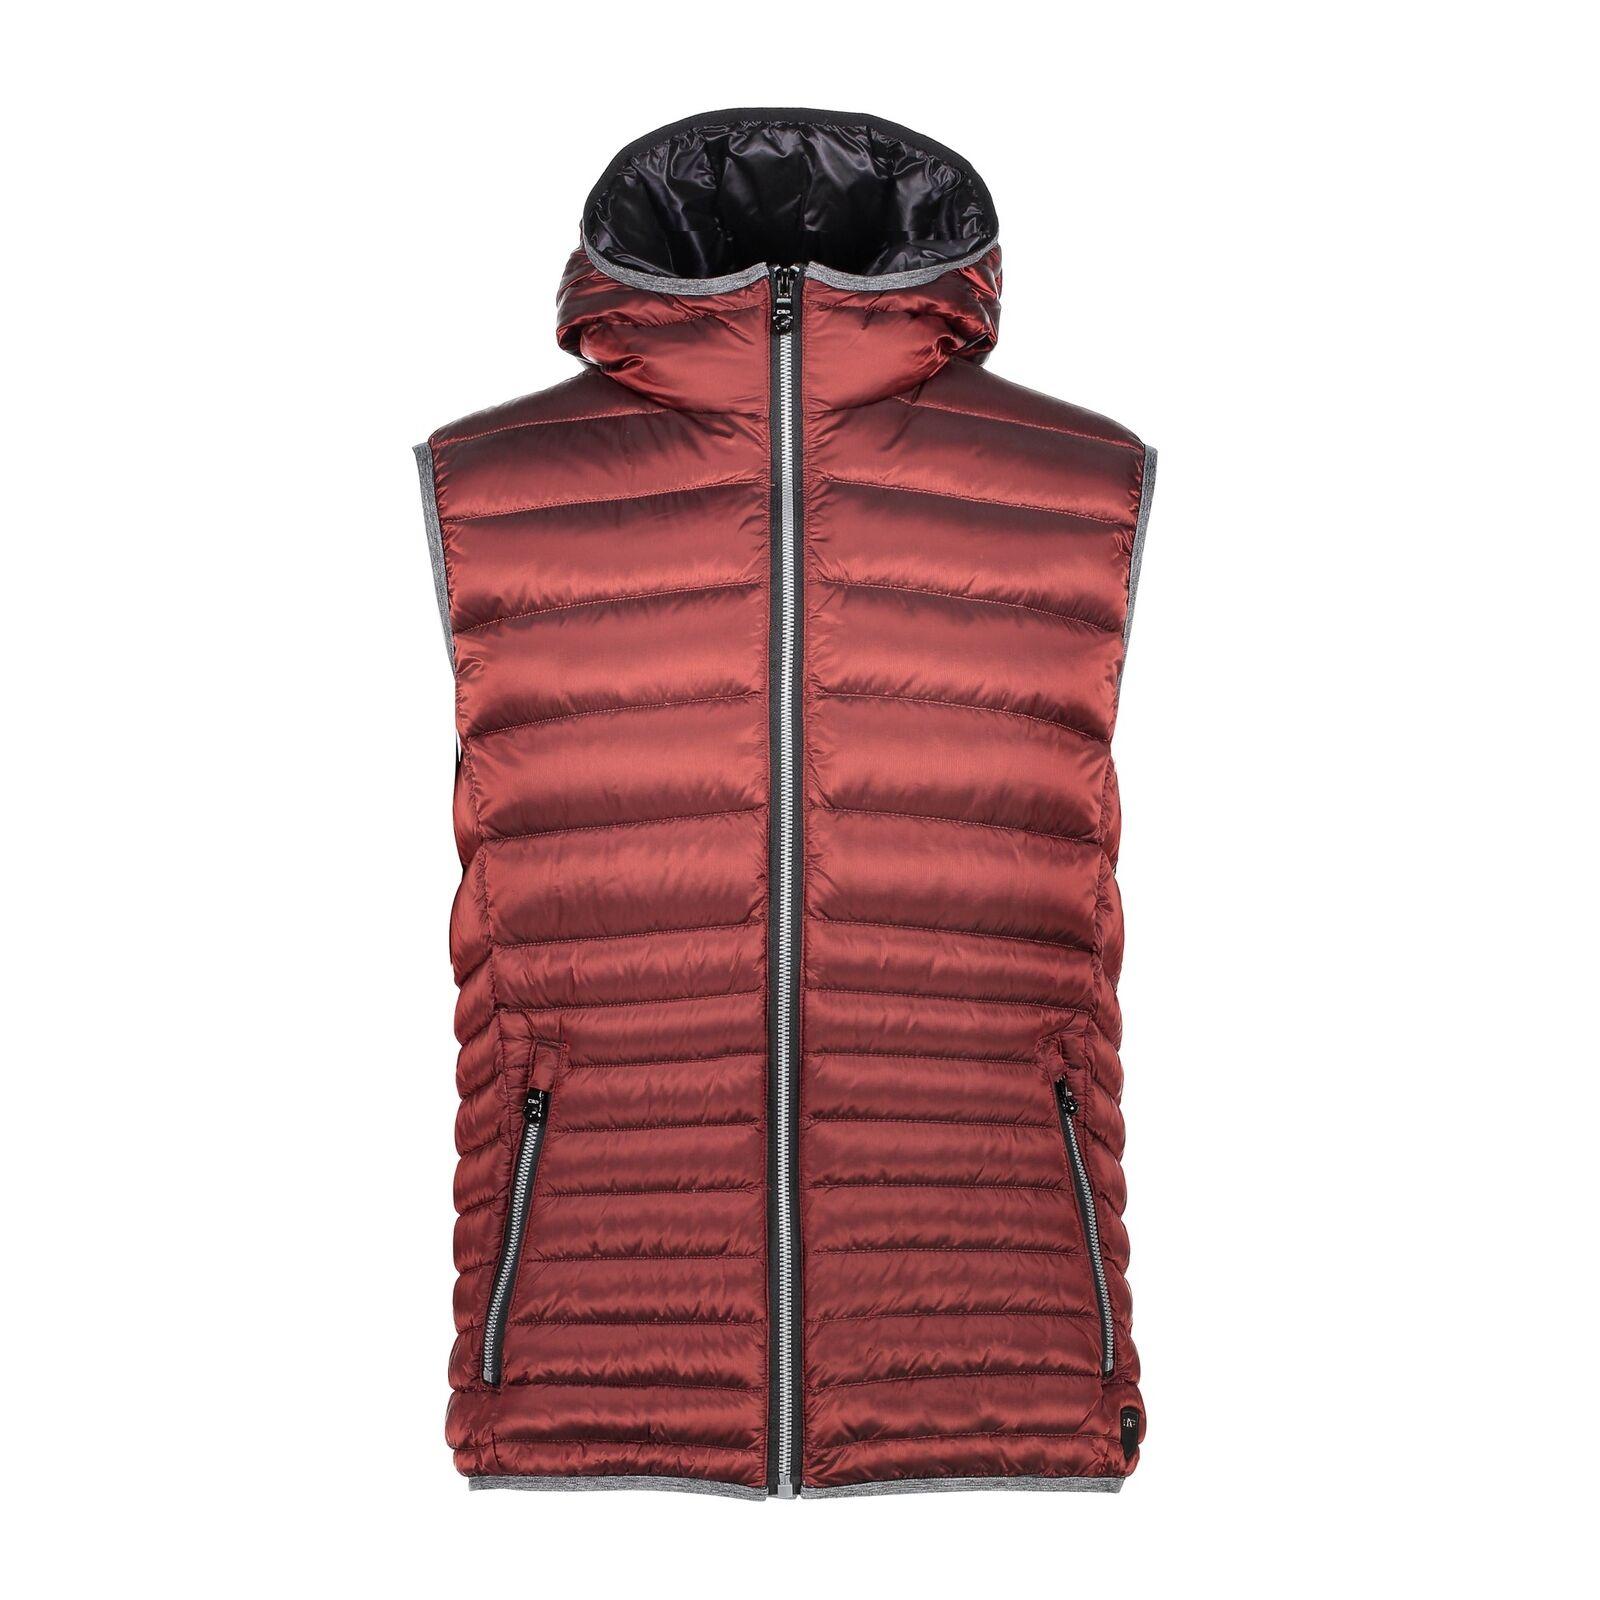 CMP Down Waistcoat Vest One Vest Zip  Hood Red Windproof Water Repellent  a lot of surprises